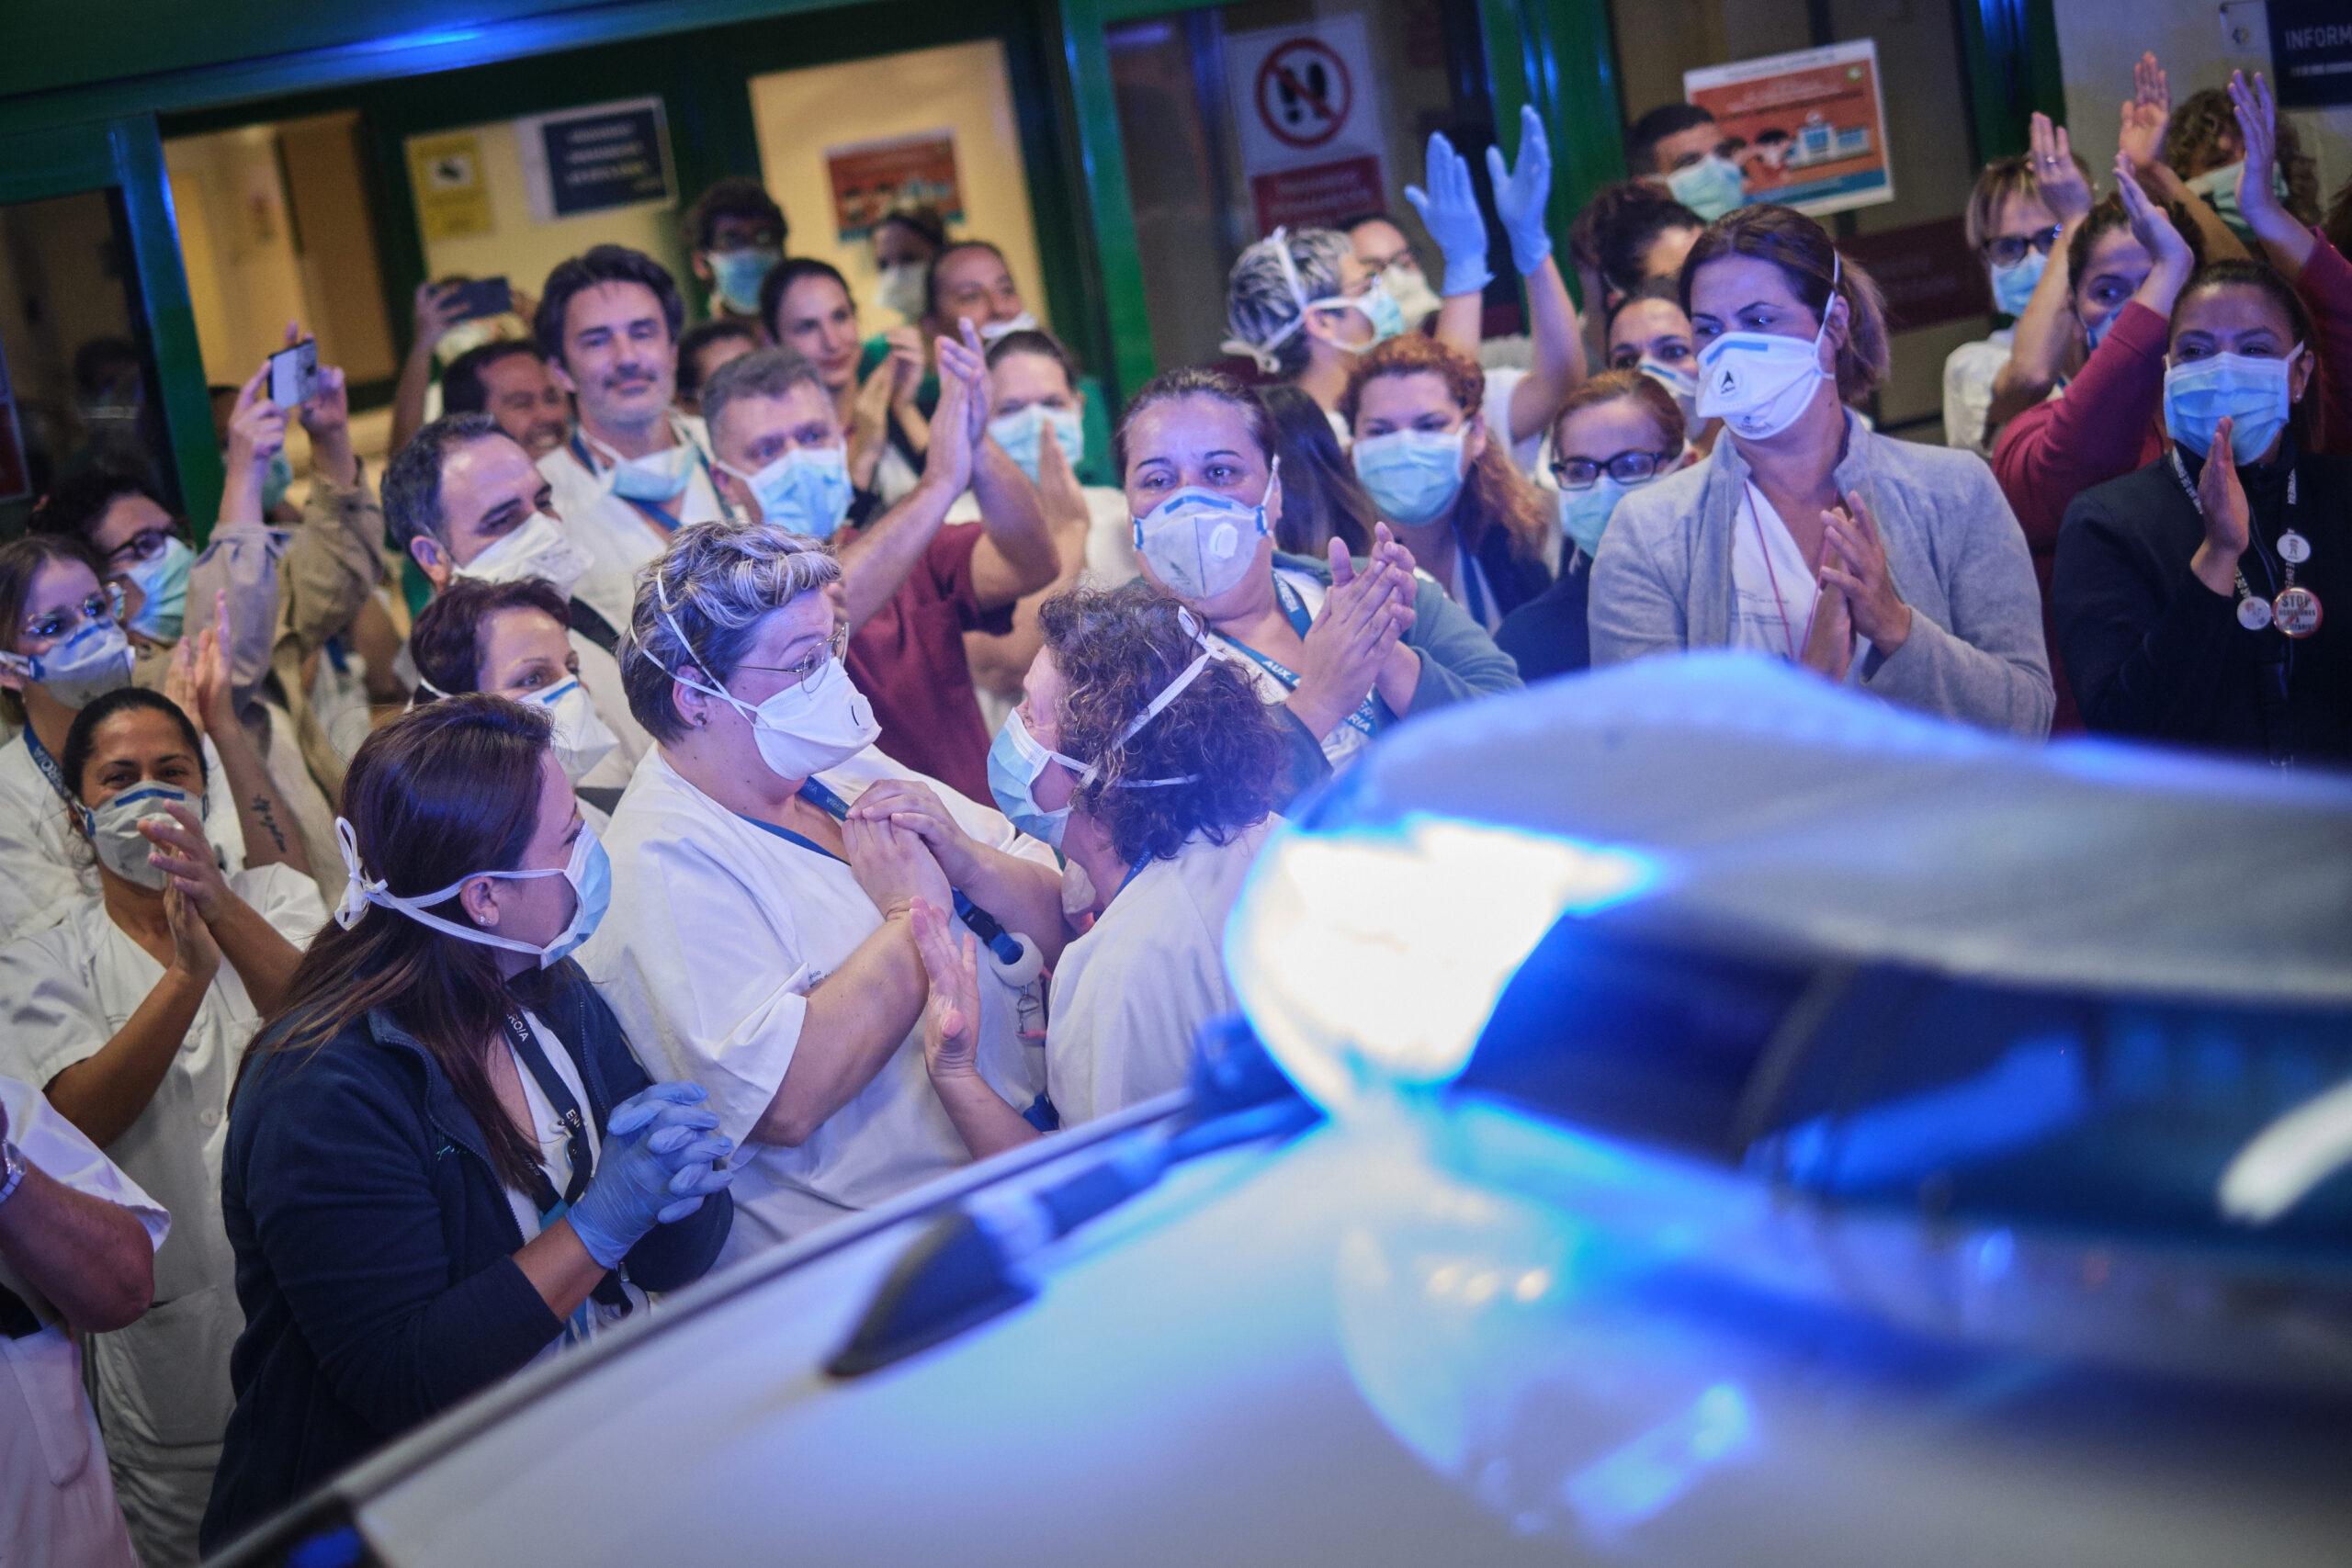 Segundo Premio. Categoría: Sociedad (Serie). Un grupo de enfermeras se abrazan y se felicitan durante un homenaje hecho por parte de las fuerzas de seguridad del estado (Policía Nacional y Policía Local) en las primeras del semanas de confinamiento. Hospital Nuestra Señora de La Candelaria. Marzo 28, 2020. Santa Cruz de Tenerife. Andrés Gutiérrez